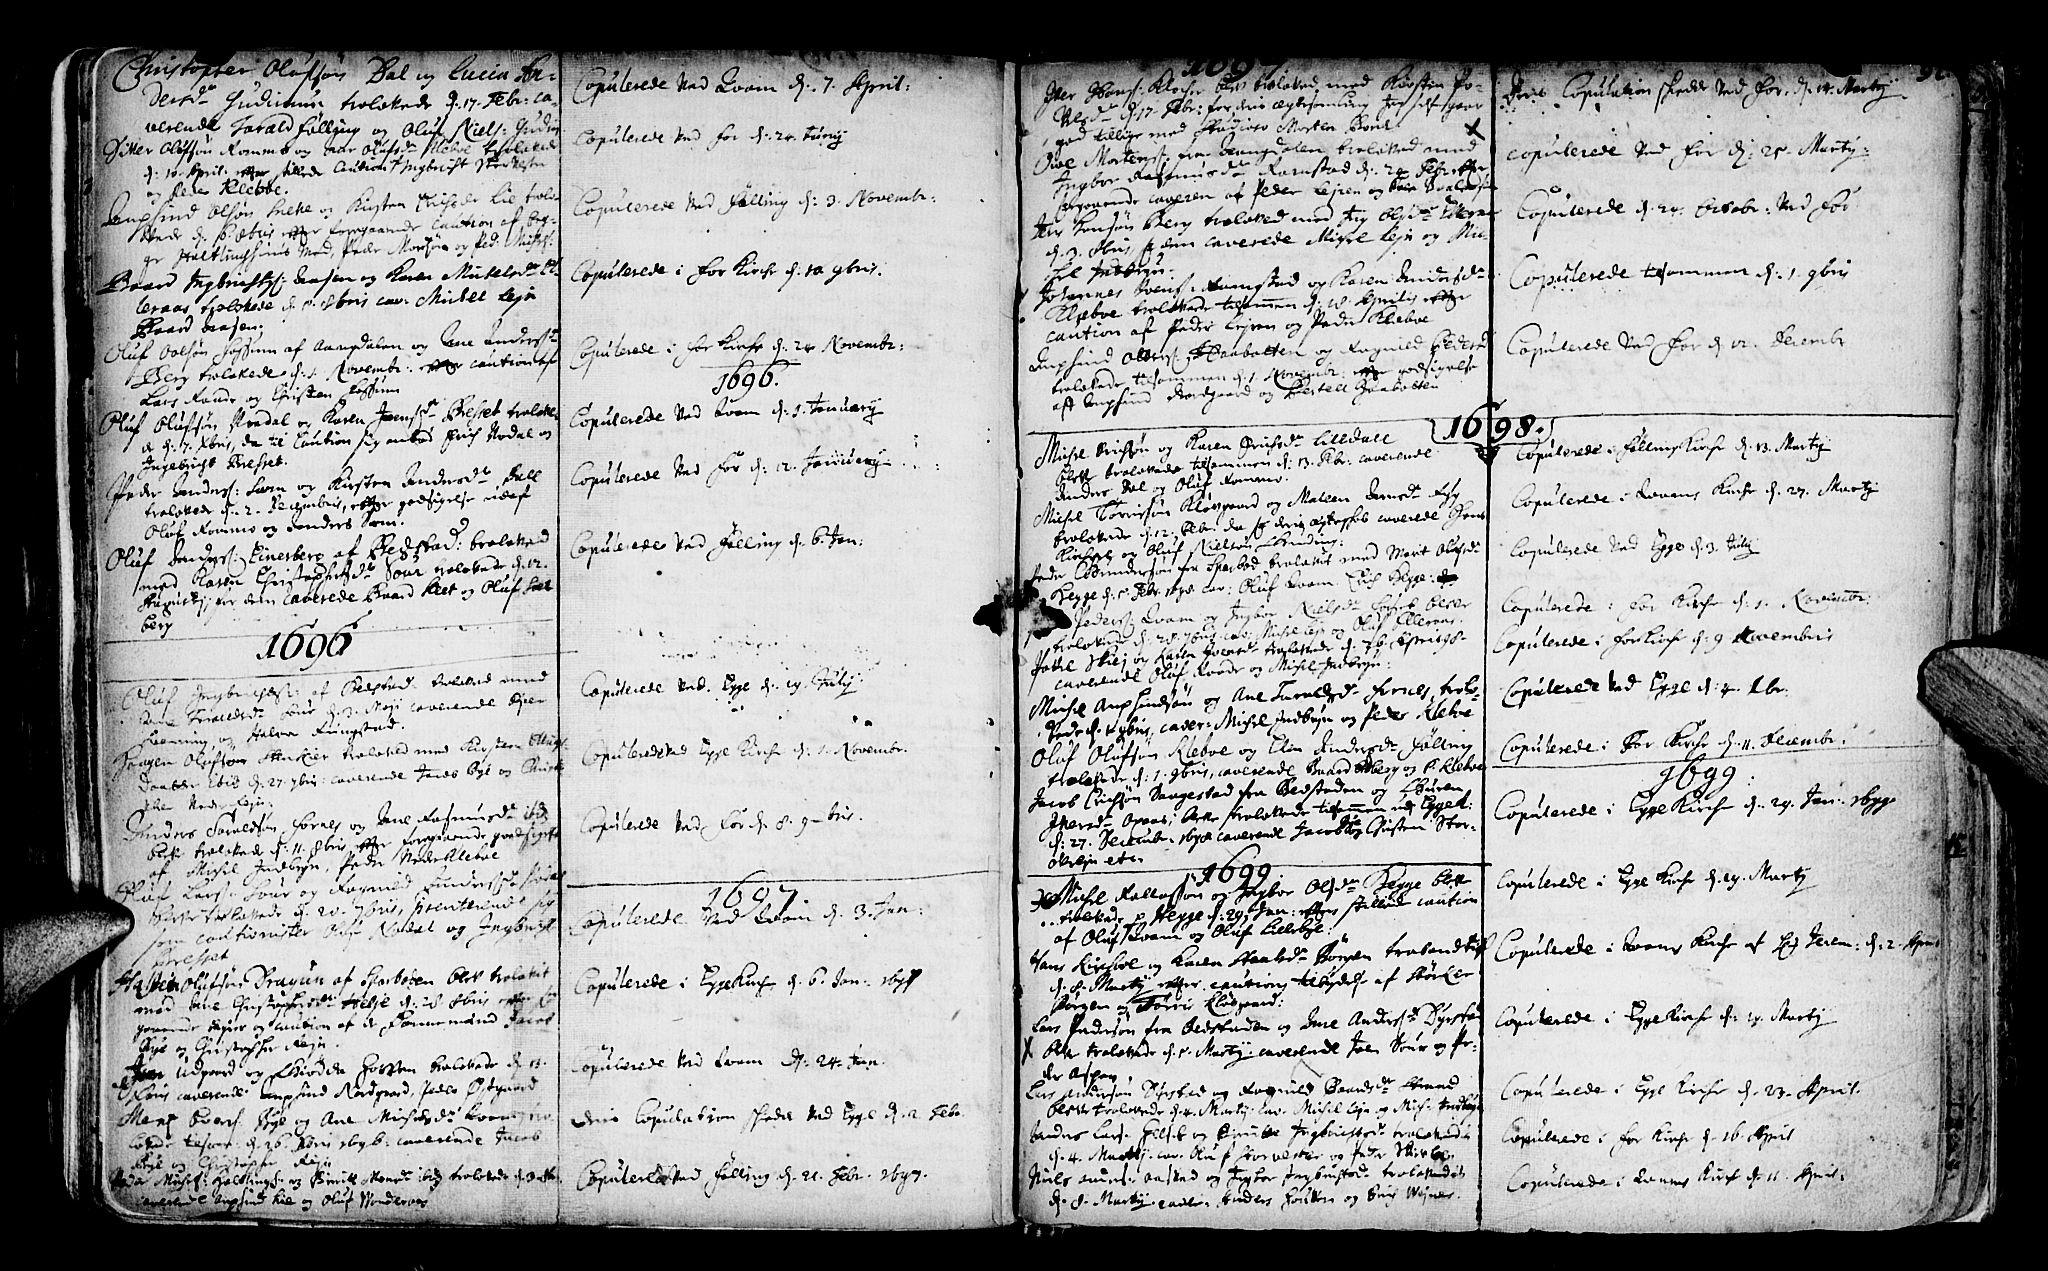 SAT, Ministerialprotokoller, klokkerbøker og fødselsregistre - Nord-Trøndelag, 746/L0439: Ministerialbok nr. 746A01, 1688-1759, s. 92